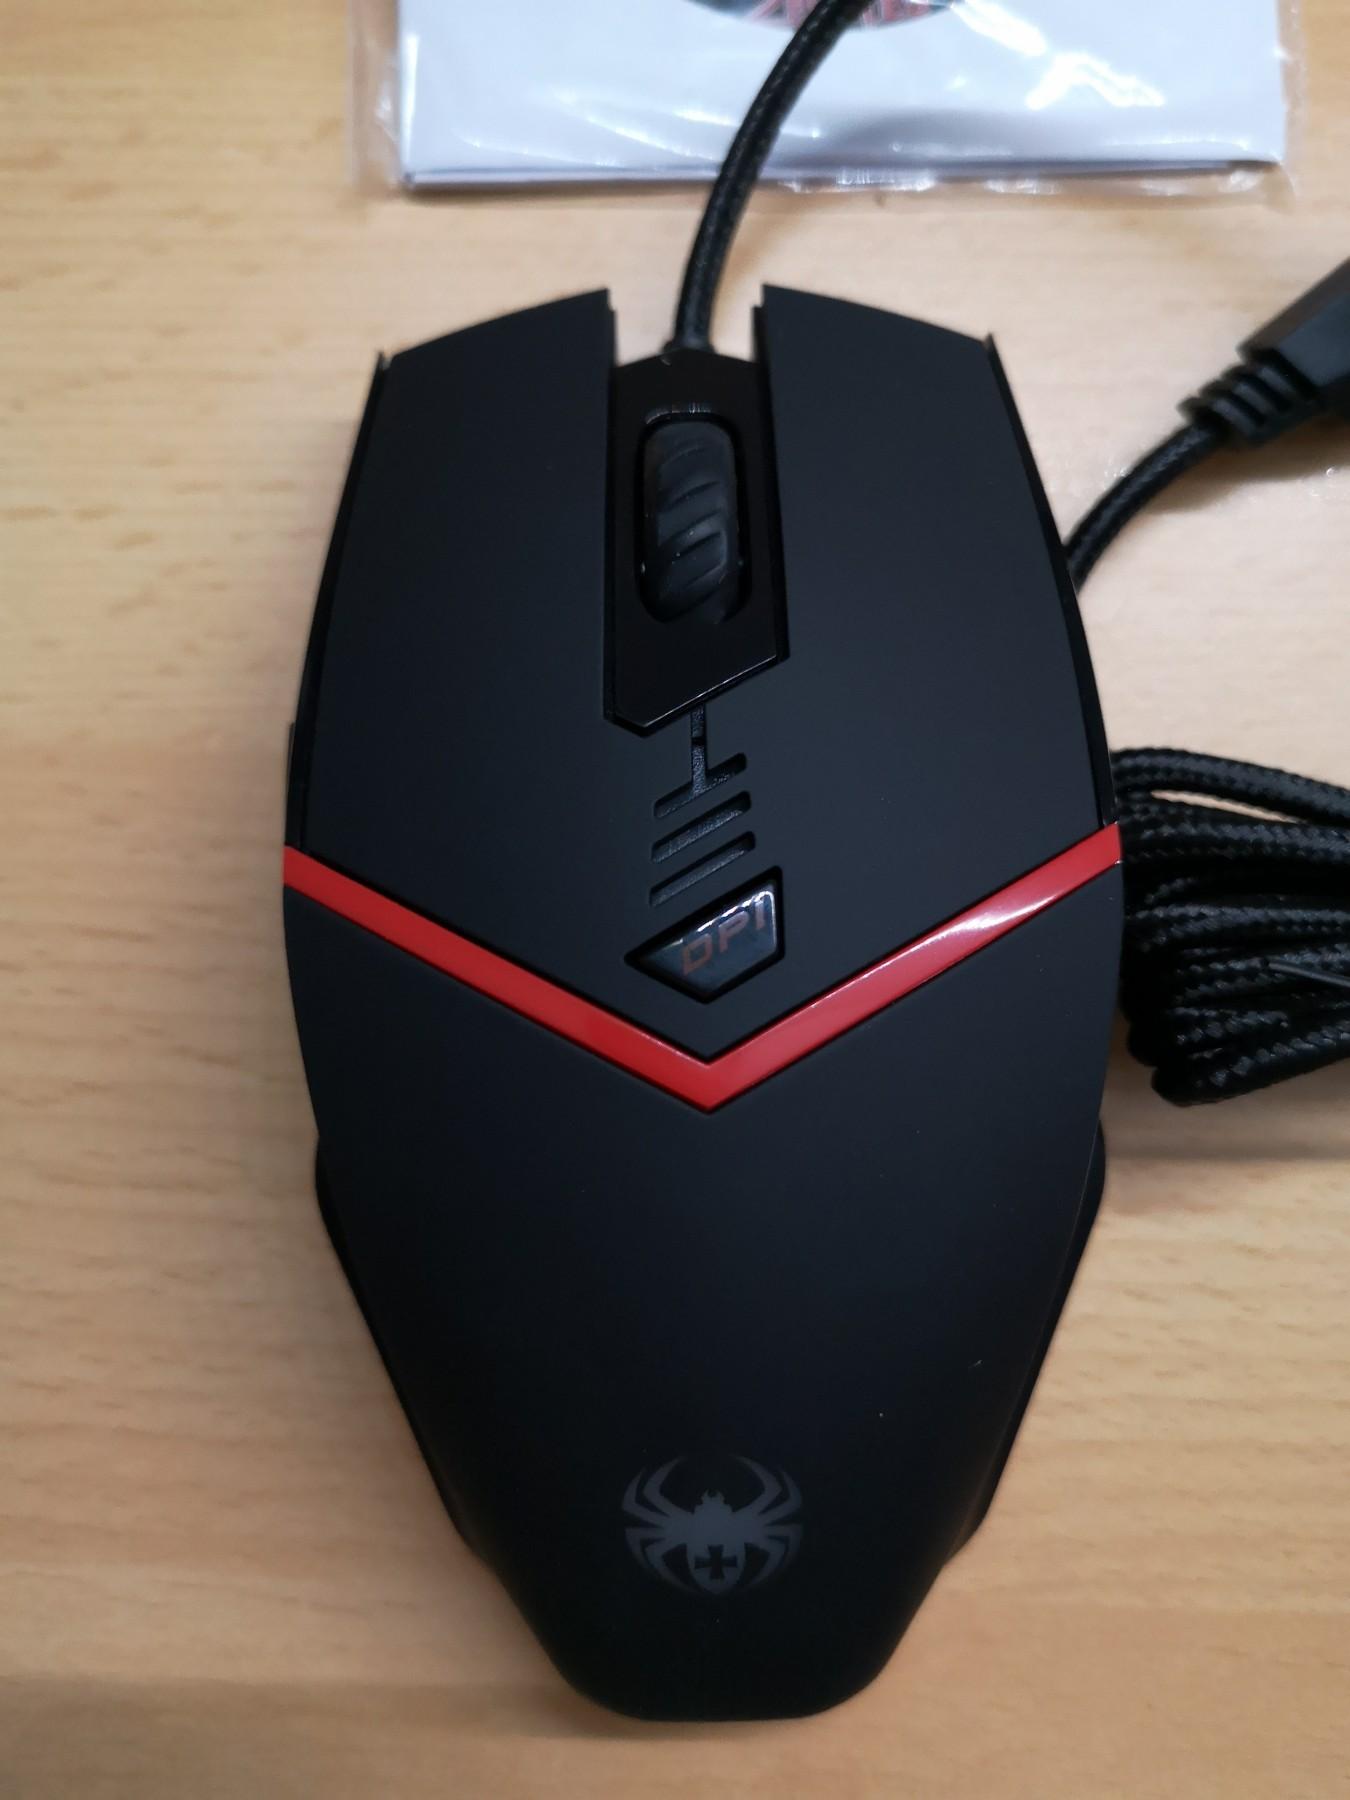 Gute preiswerte Maus